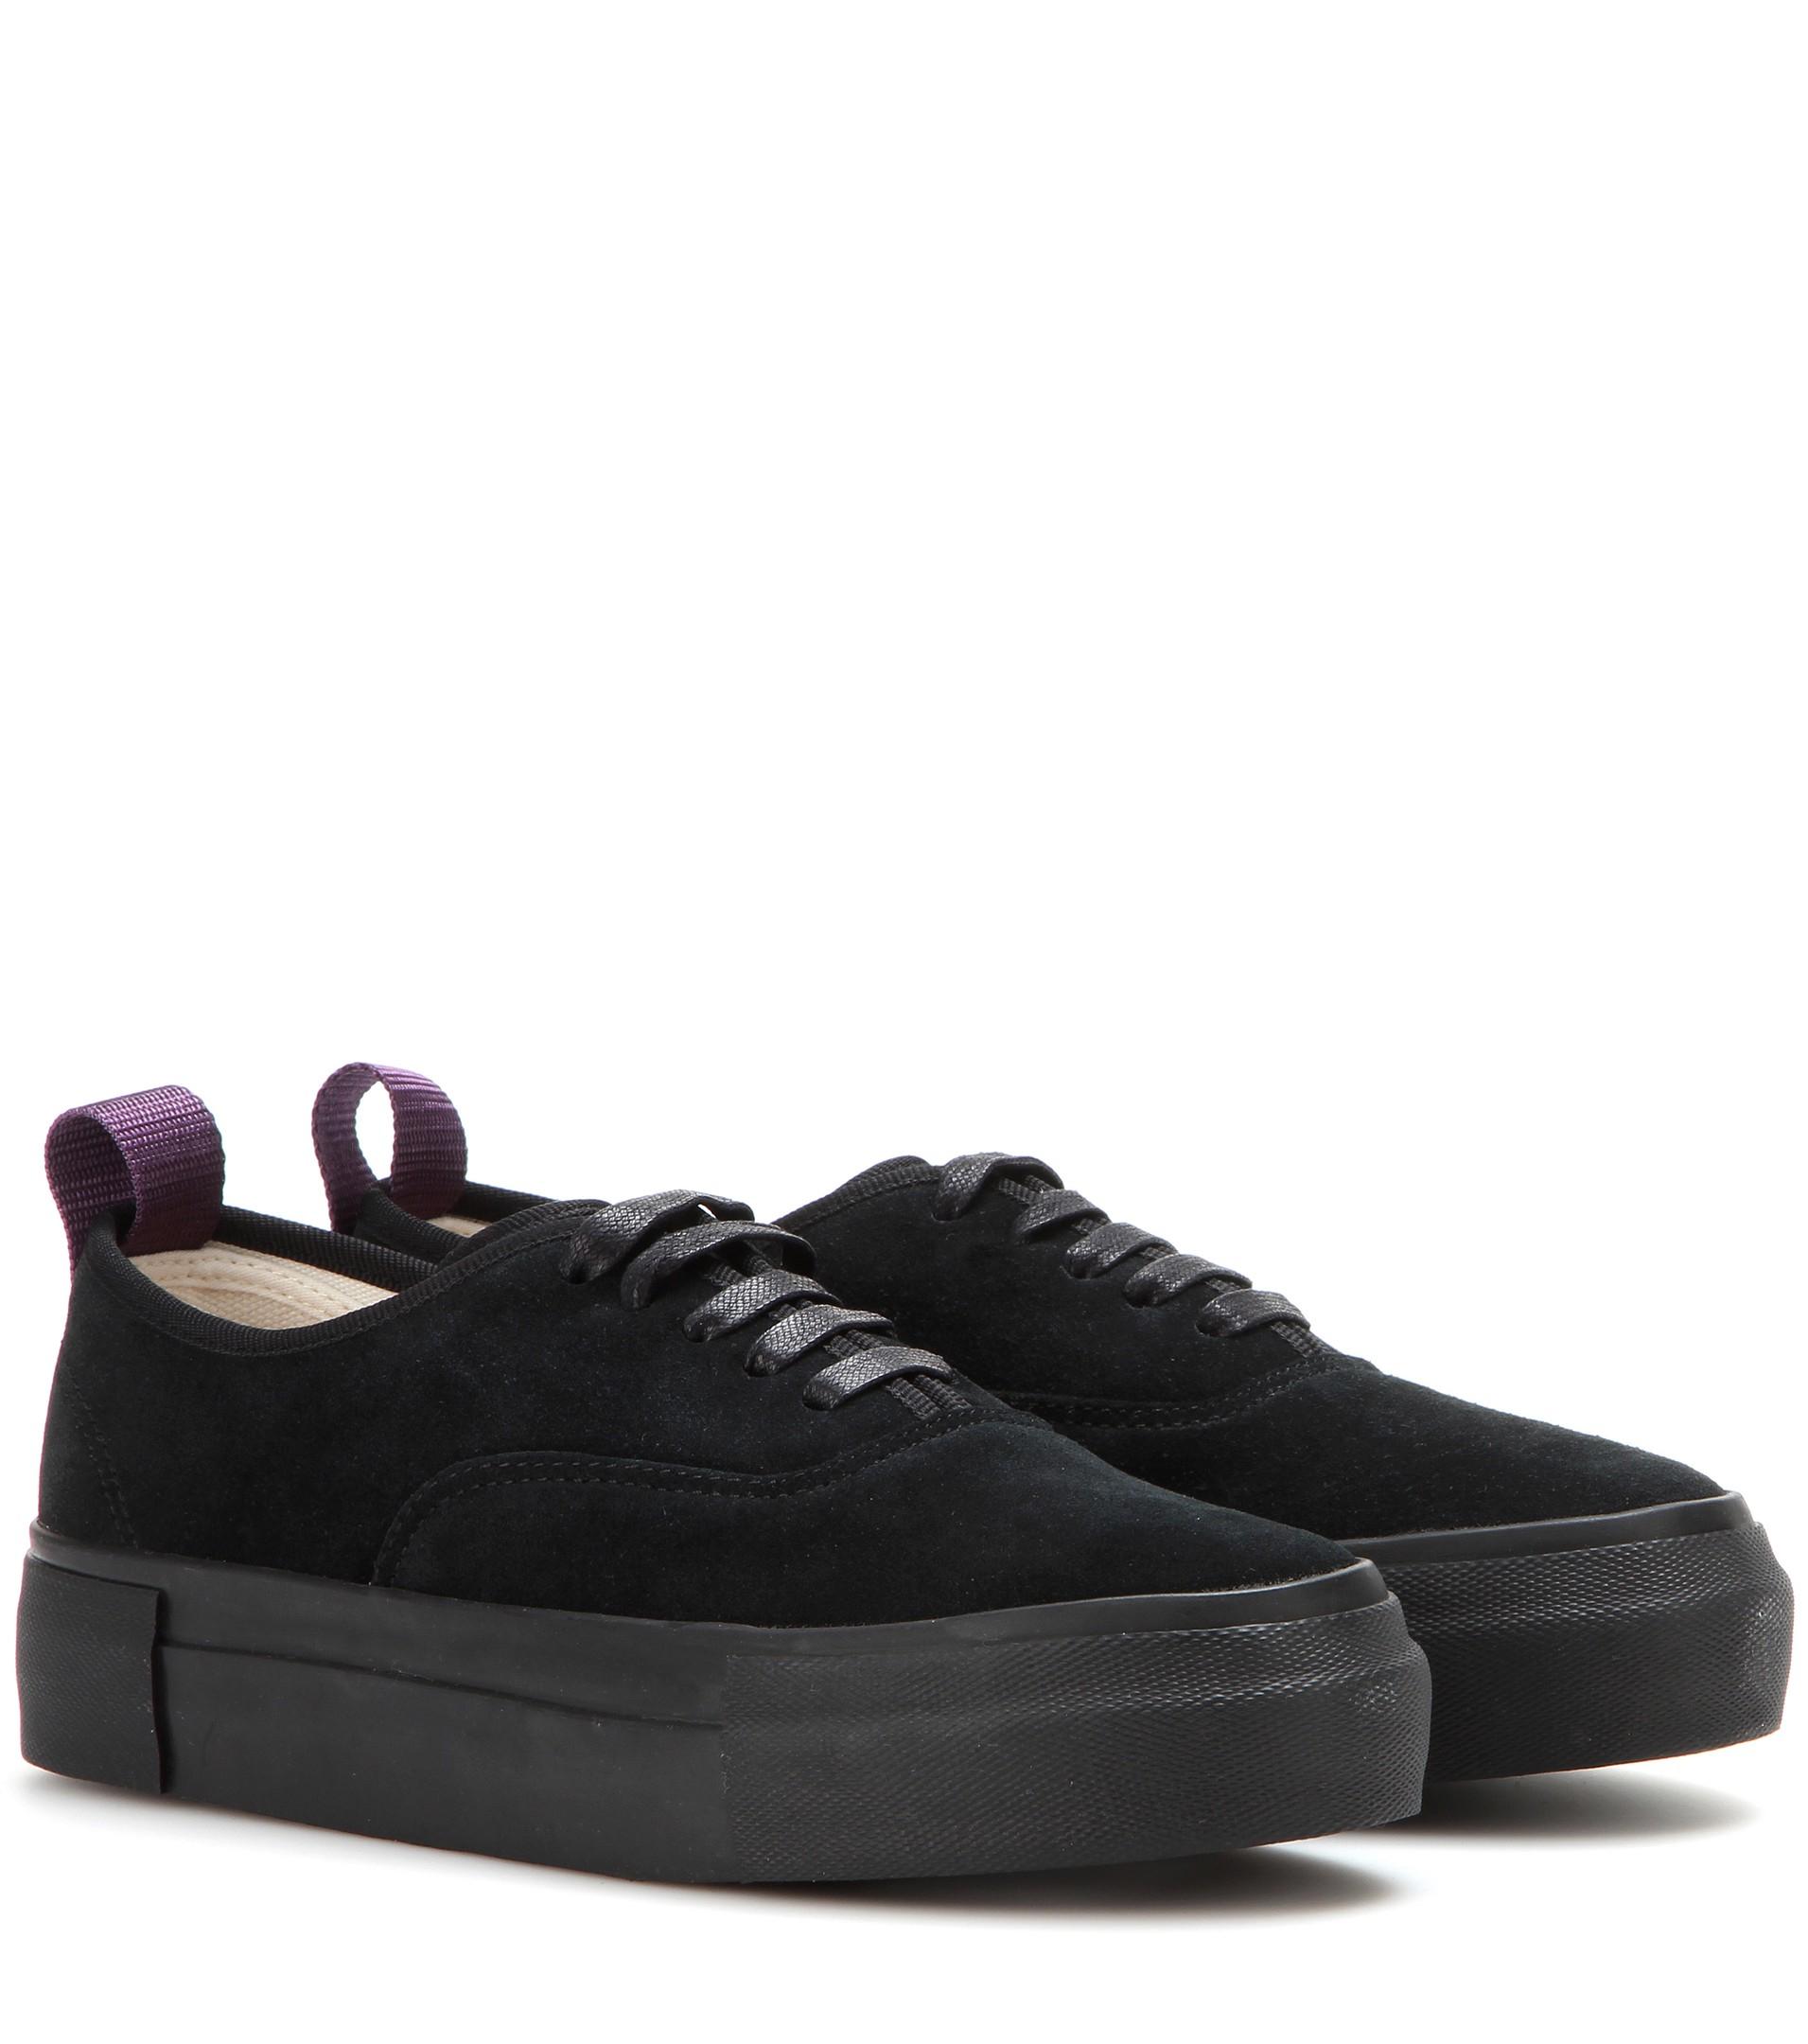 Black Suede mother sneaker Eytys VWfaA3